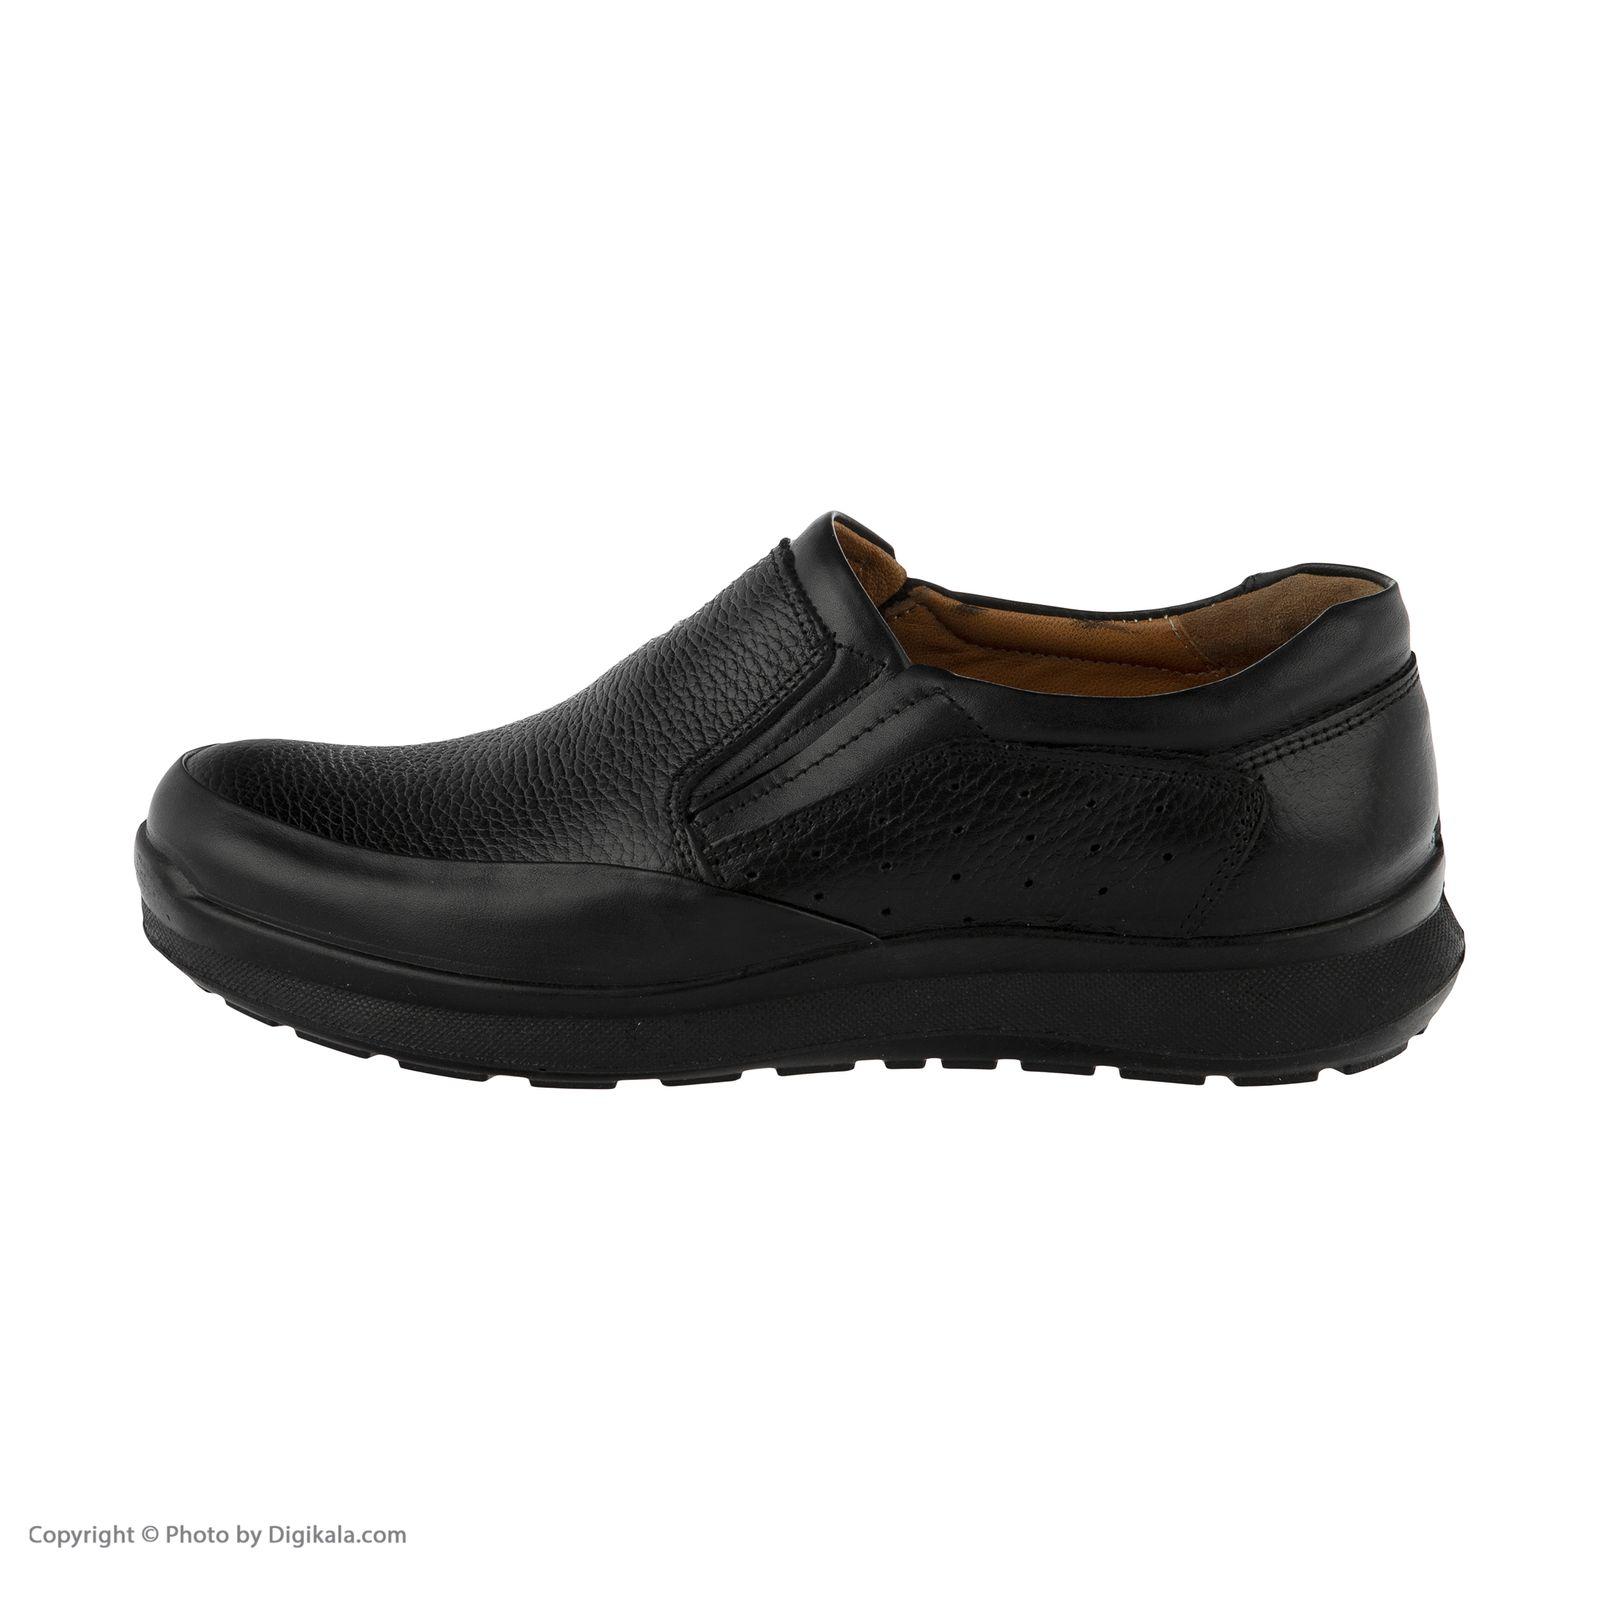 کفش روزمره مردانه سوته مدل 5033A503101 -  - 3